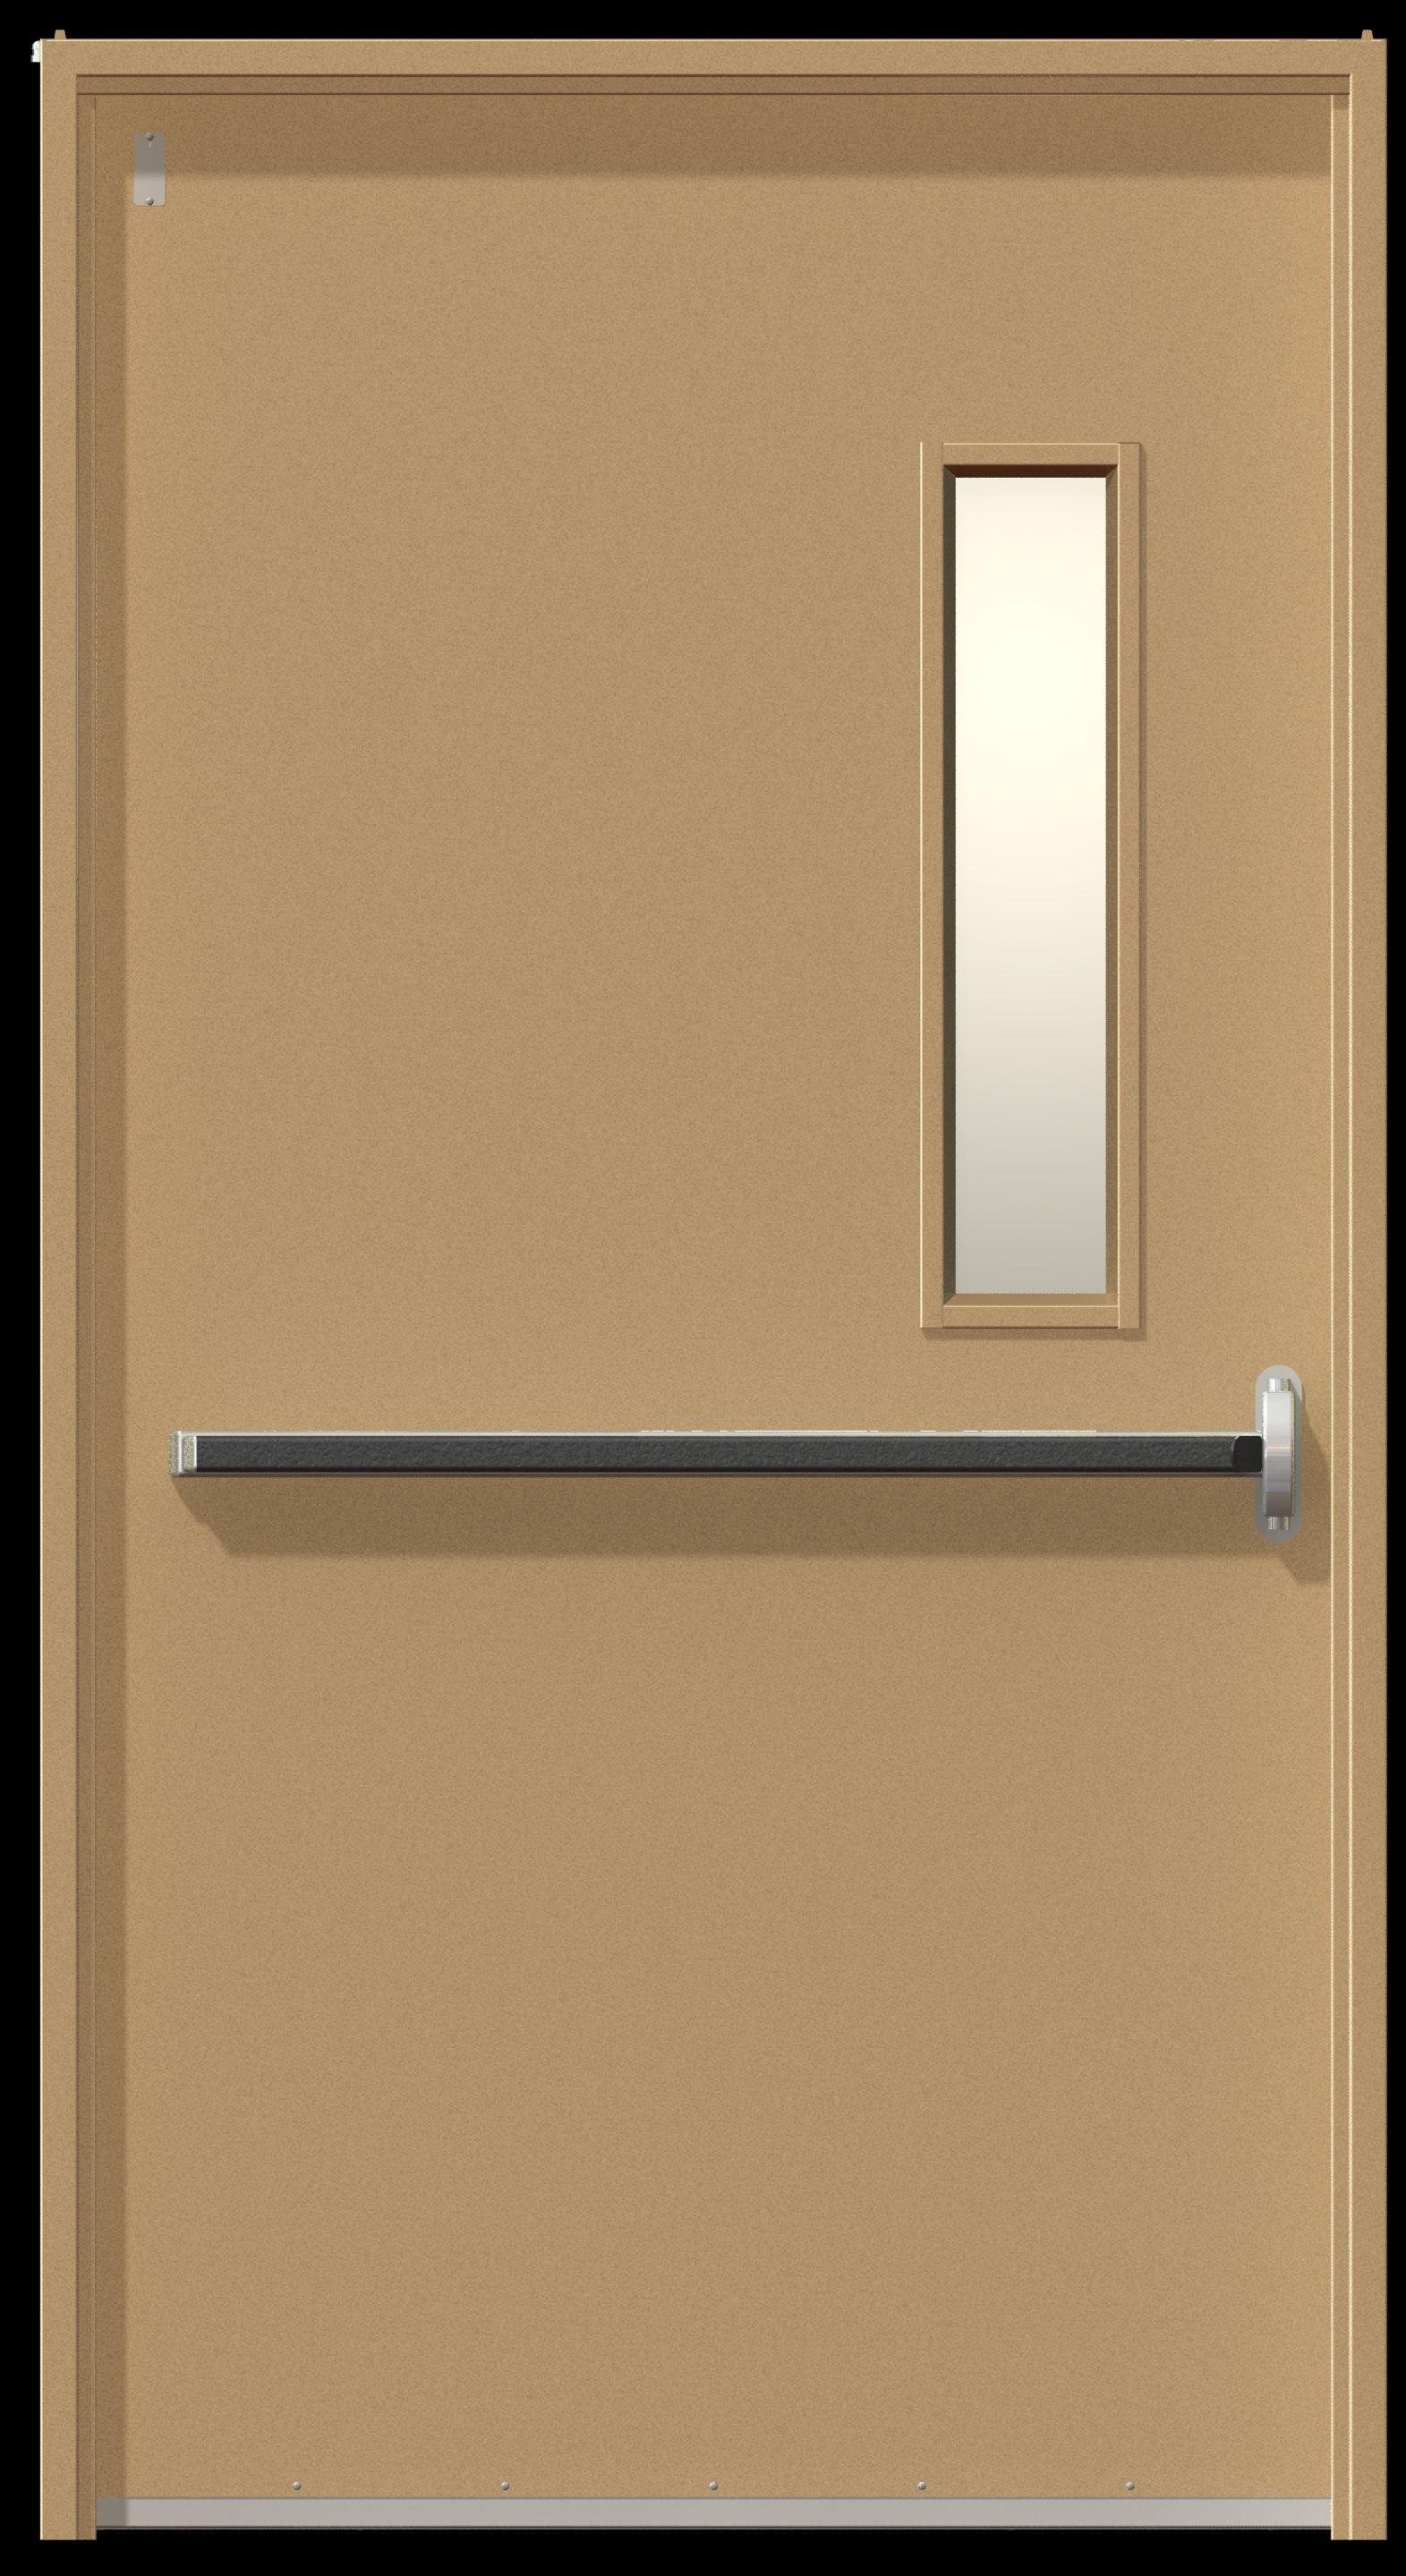 Fire Door With Rectangular Window Industrial Livingroom Industrial Interior Living Room Rustic Loft